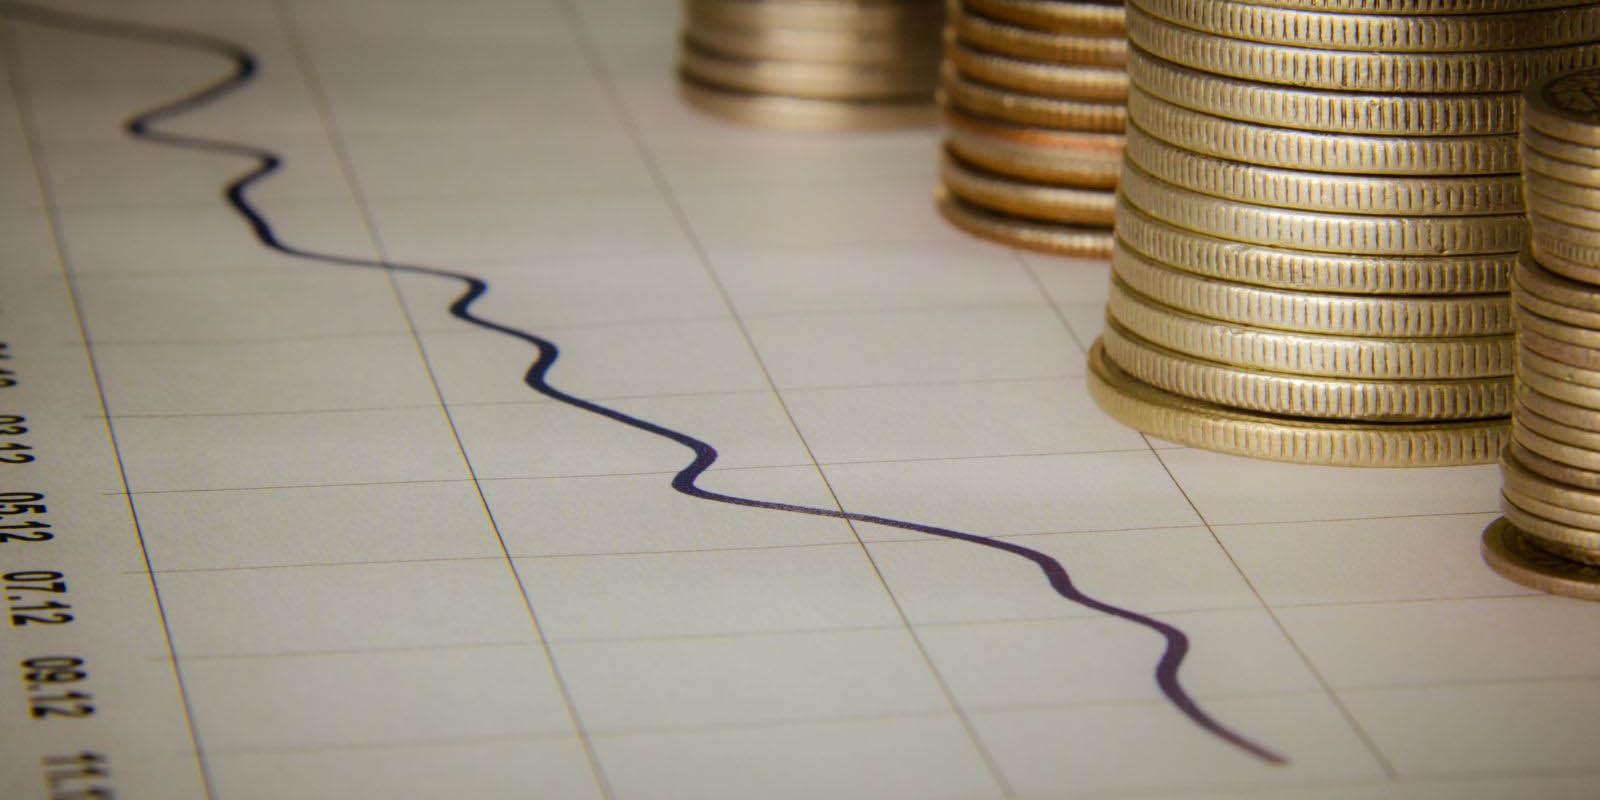 بررسی دلایل روند کند و کم رونق اقتصاد جهانی